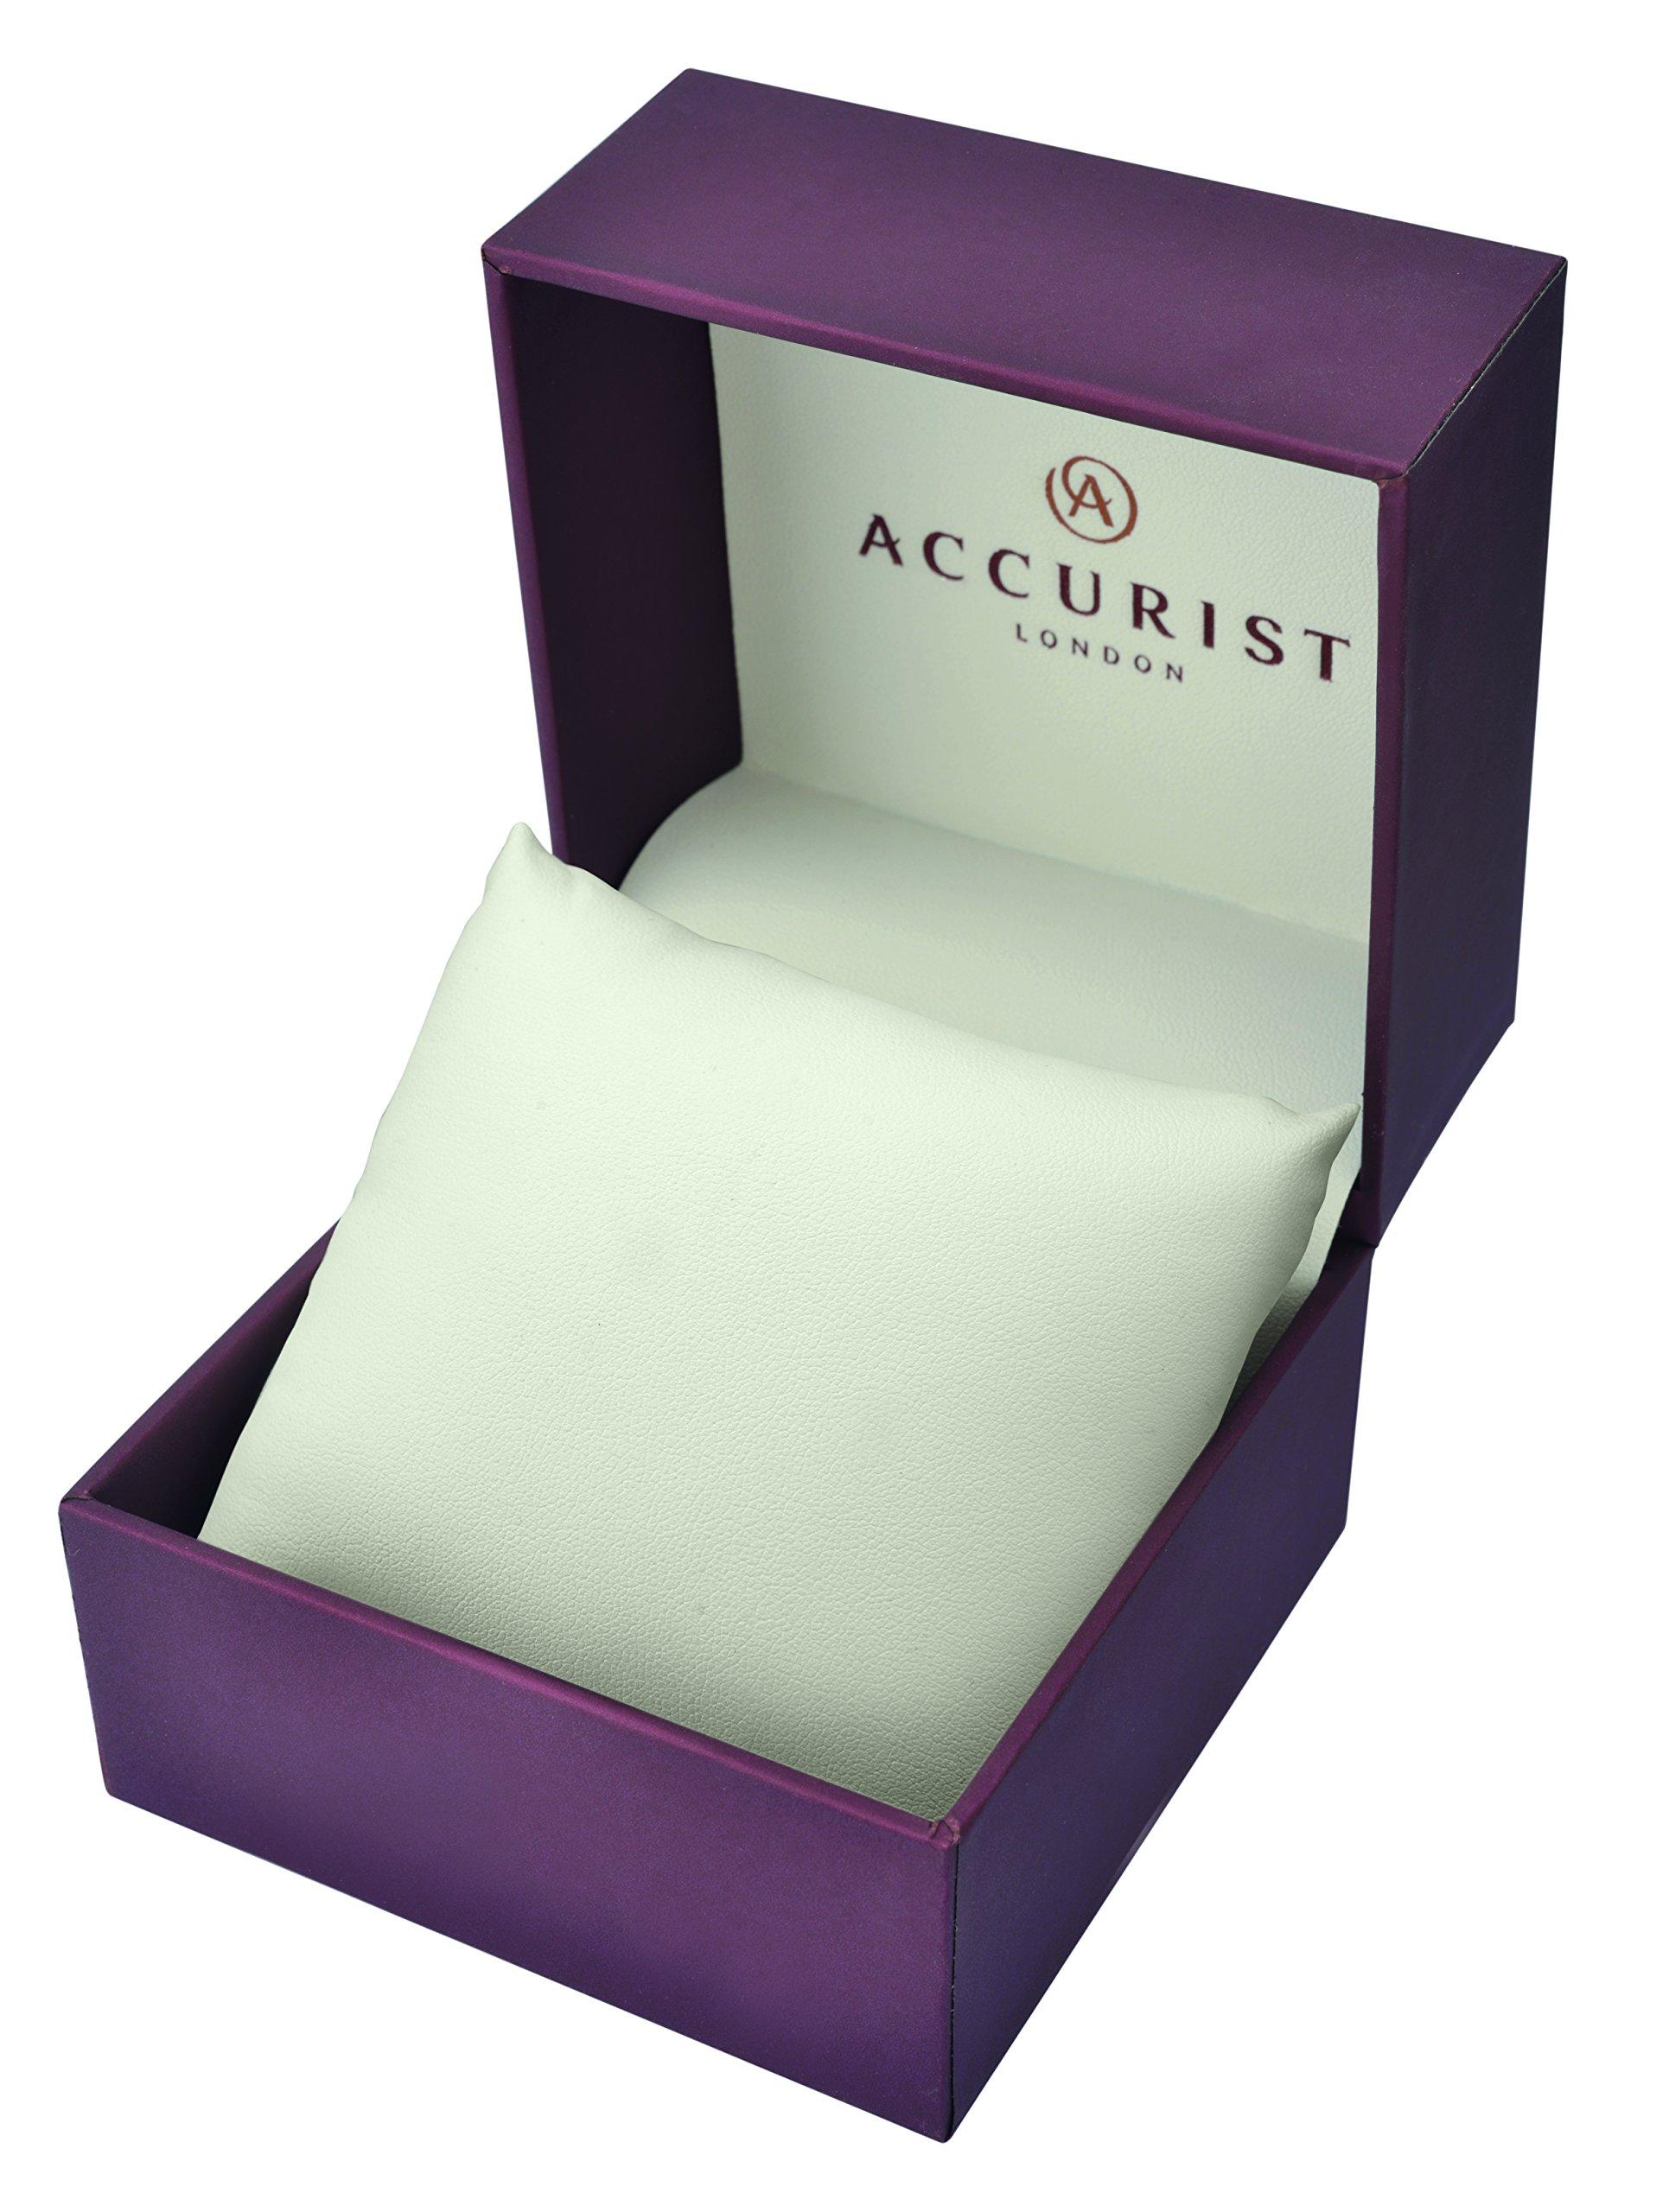 Accurist-Armbanduhr-817901